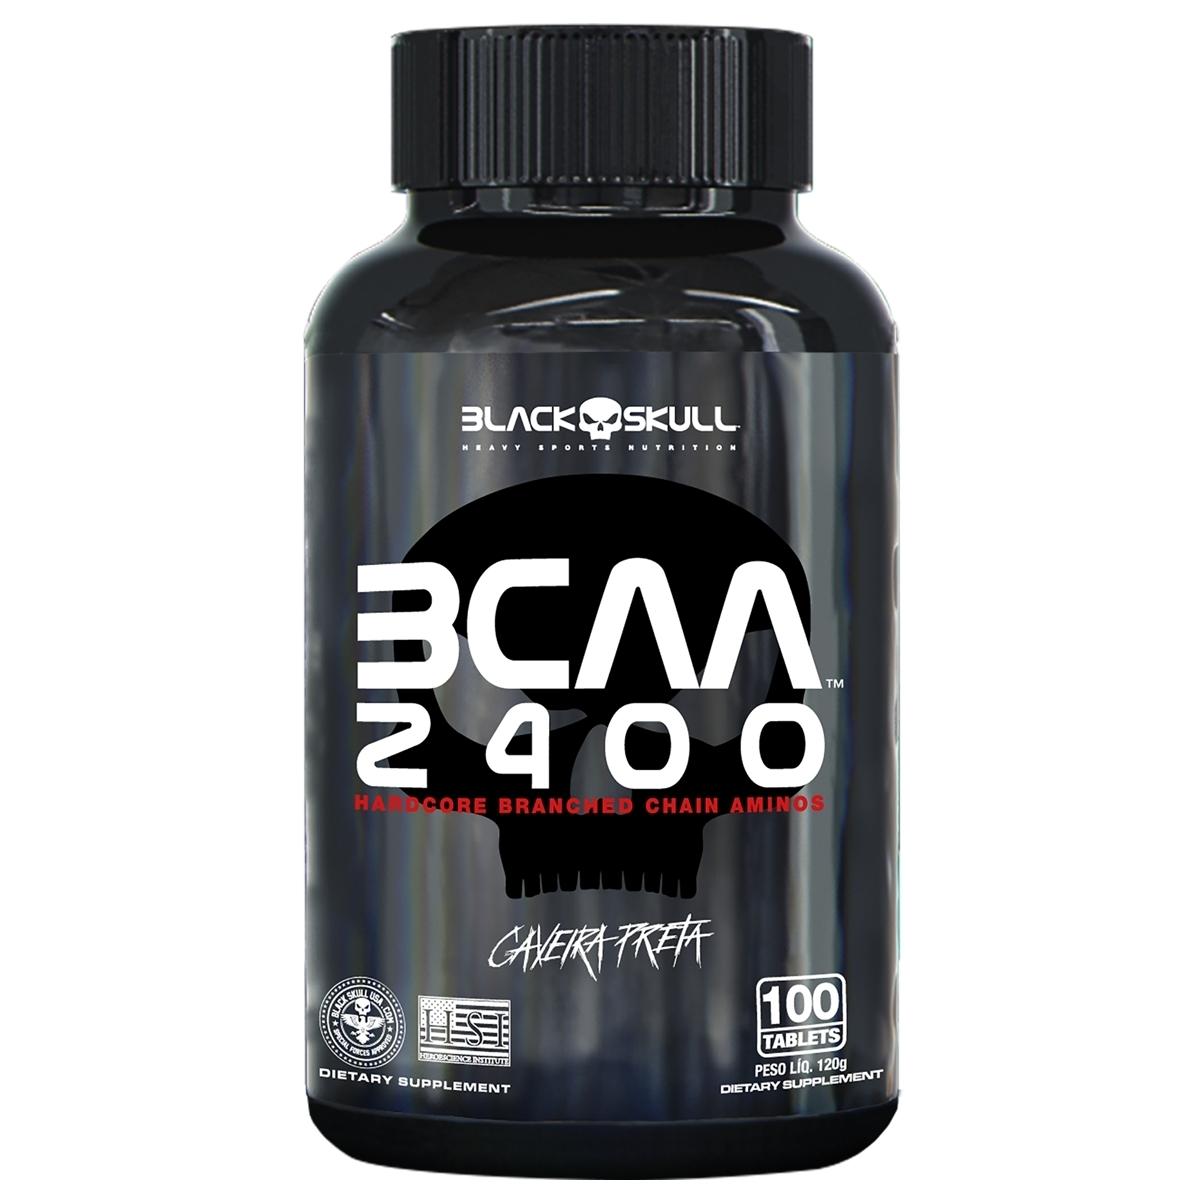 BCAA 2400 - AMINOÁCIDOS - 100 TABLETS - BLACK SKULL